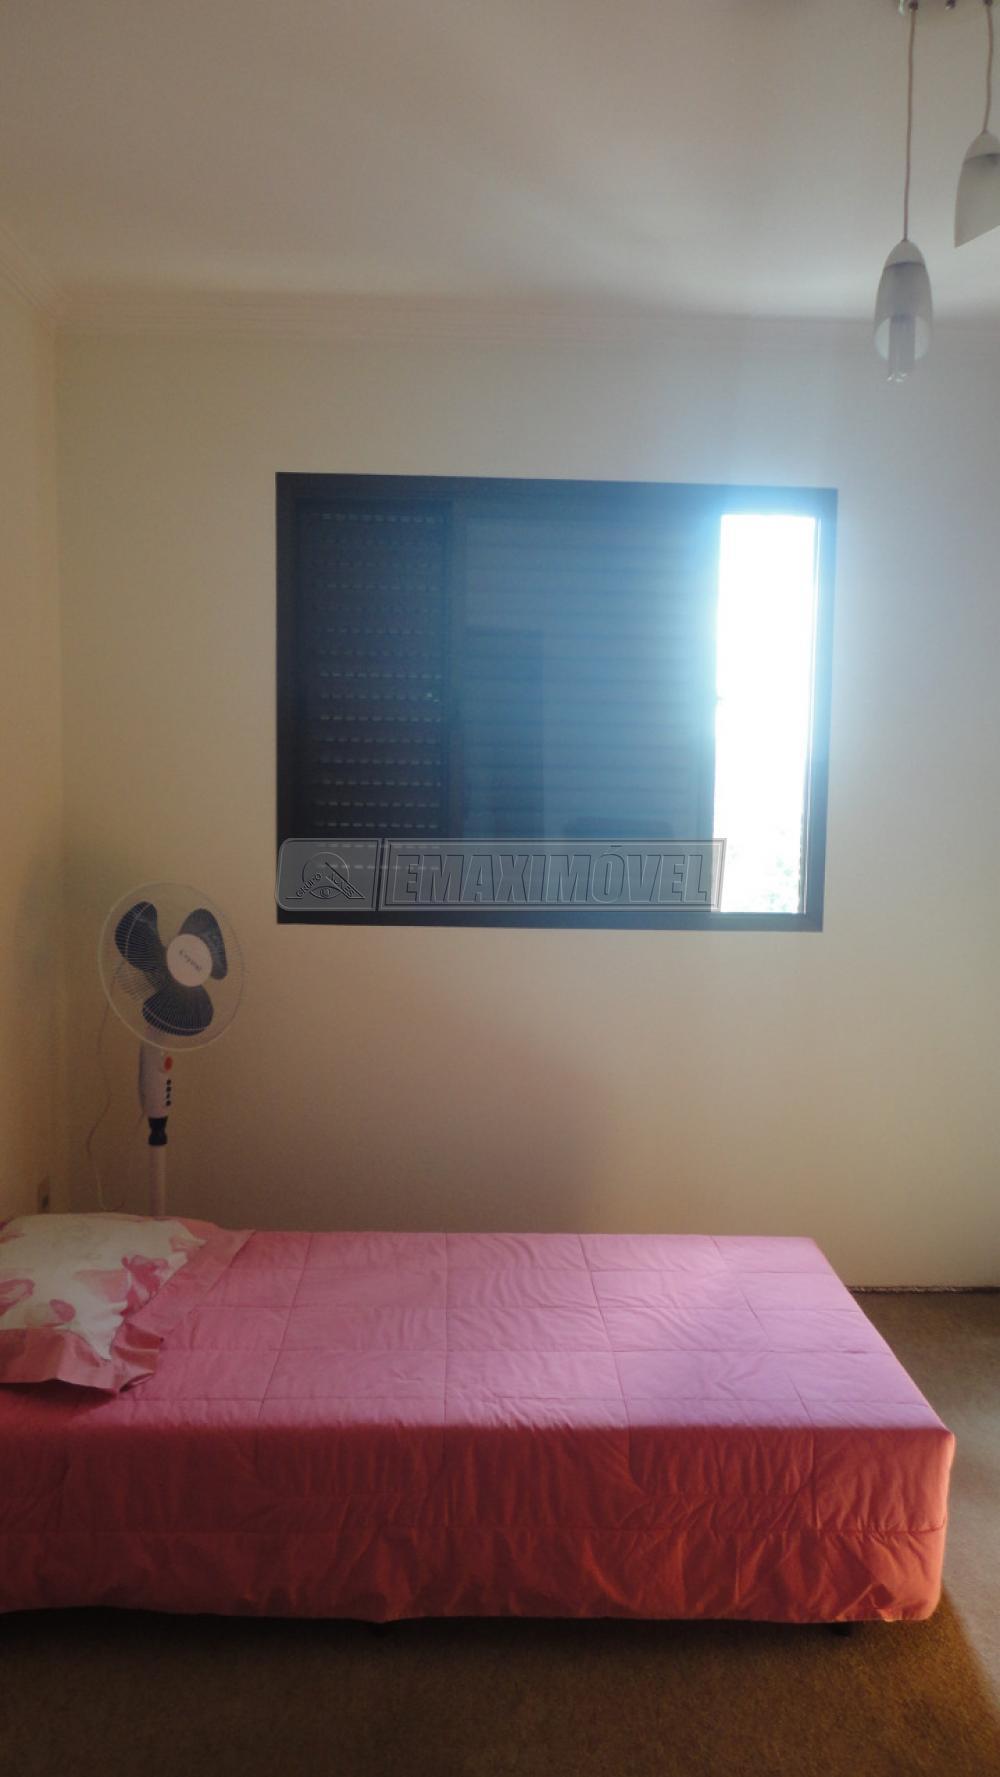 Comprar Apartamentos / Apto Padrão em Sorocaba apenas R$ 510.000,00 - Foto 10